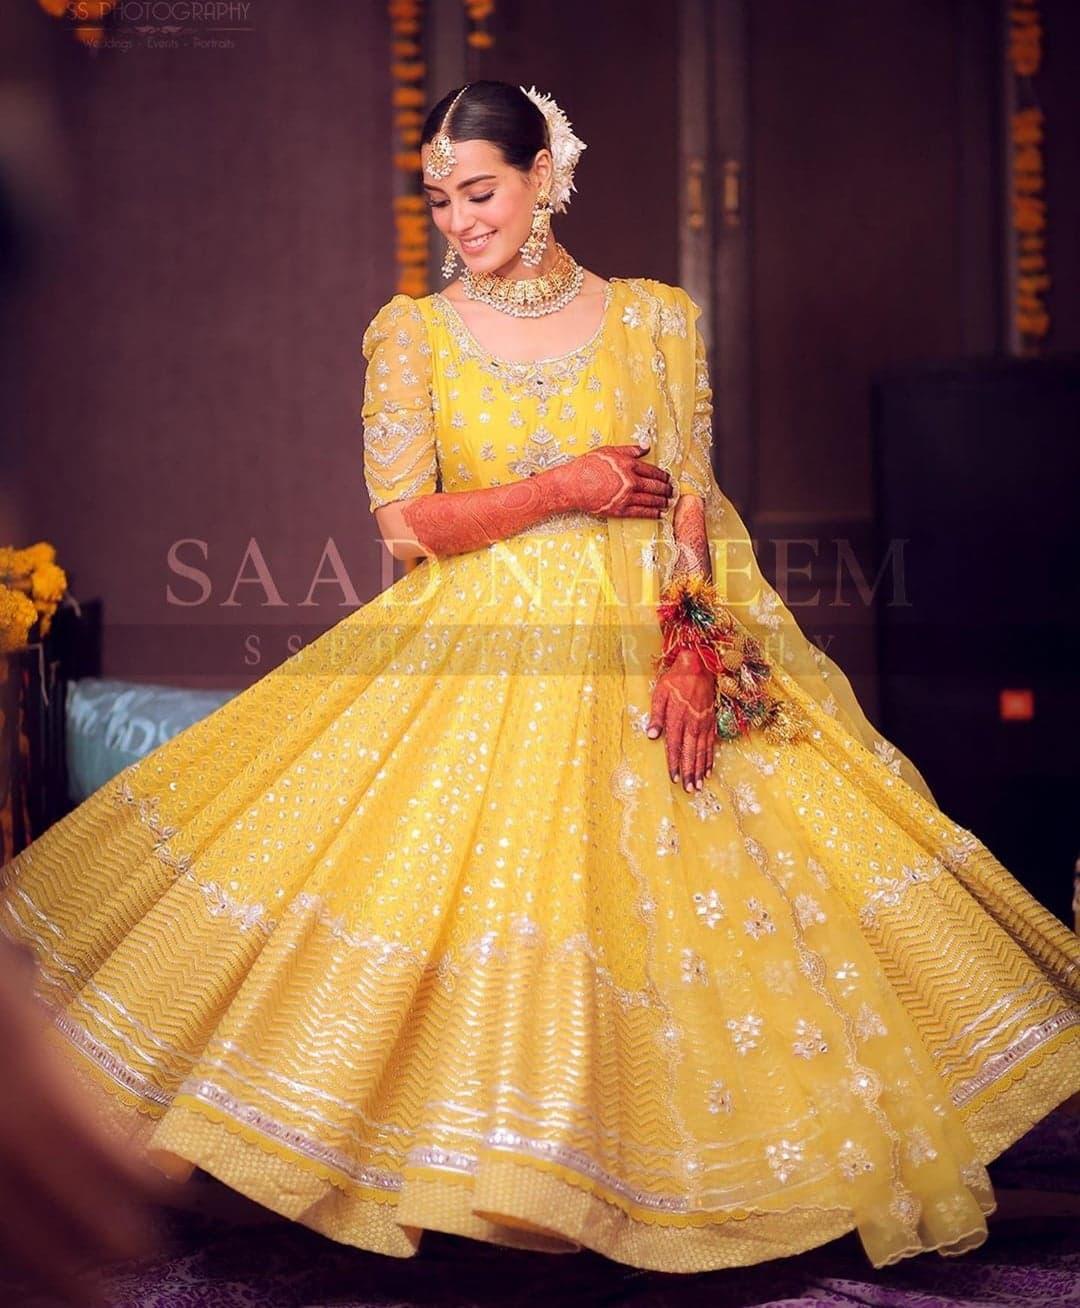 Mehndi Dress and Makeup Look of Iqra Aziz